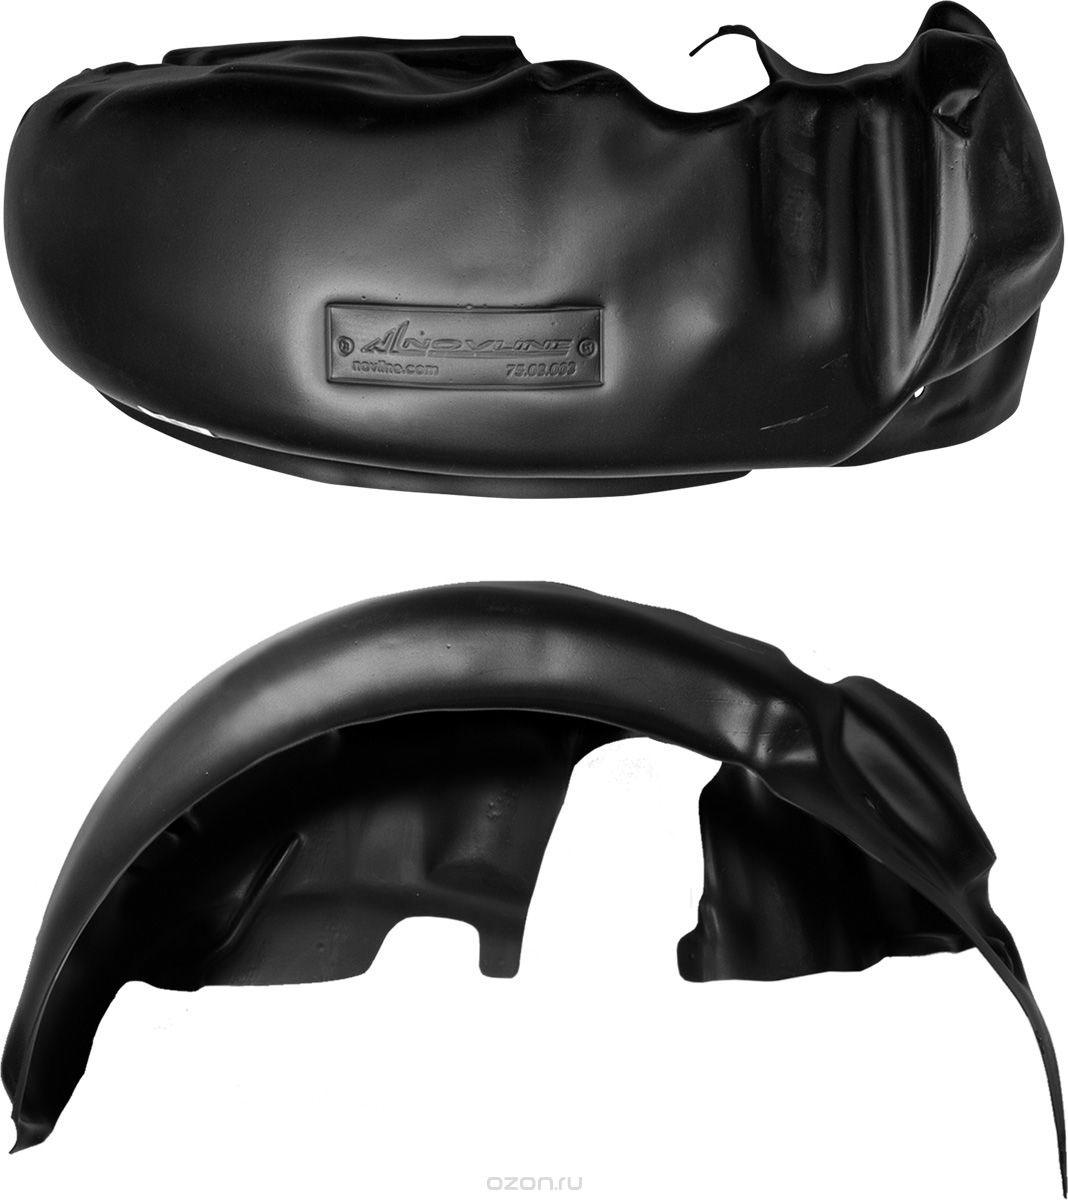 Подкрылок Novline-Autofamily, для Ford Fiesta, 2015->, хэтчбек, задний левыйNLL.16.61.003Идеальная защита колесной ниши. Локеры разработаны с применением цифровых технологий, гарантируют максимальную повторяемость поверхности арки. Изделия устанавливаются без нарушения лакокрасочного покрытия автомобиля, каждый подкрылок комплектуется крепежом. Уважаемые клиенты, обращаем ваше внимание, что фотографии на подкрылки универсальные и не отражают реальную форму изделия. При этом само изделие идет точно под размер указанного автомобиля.